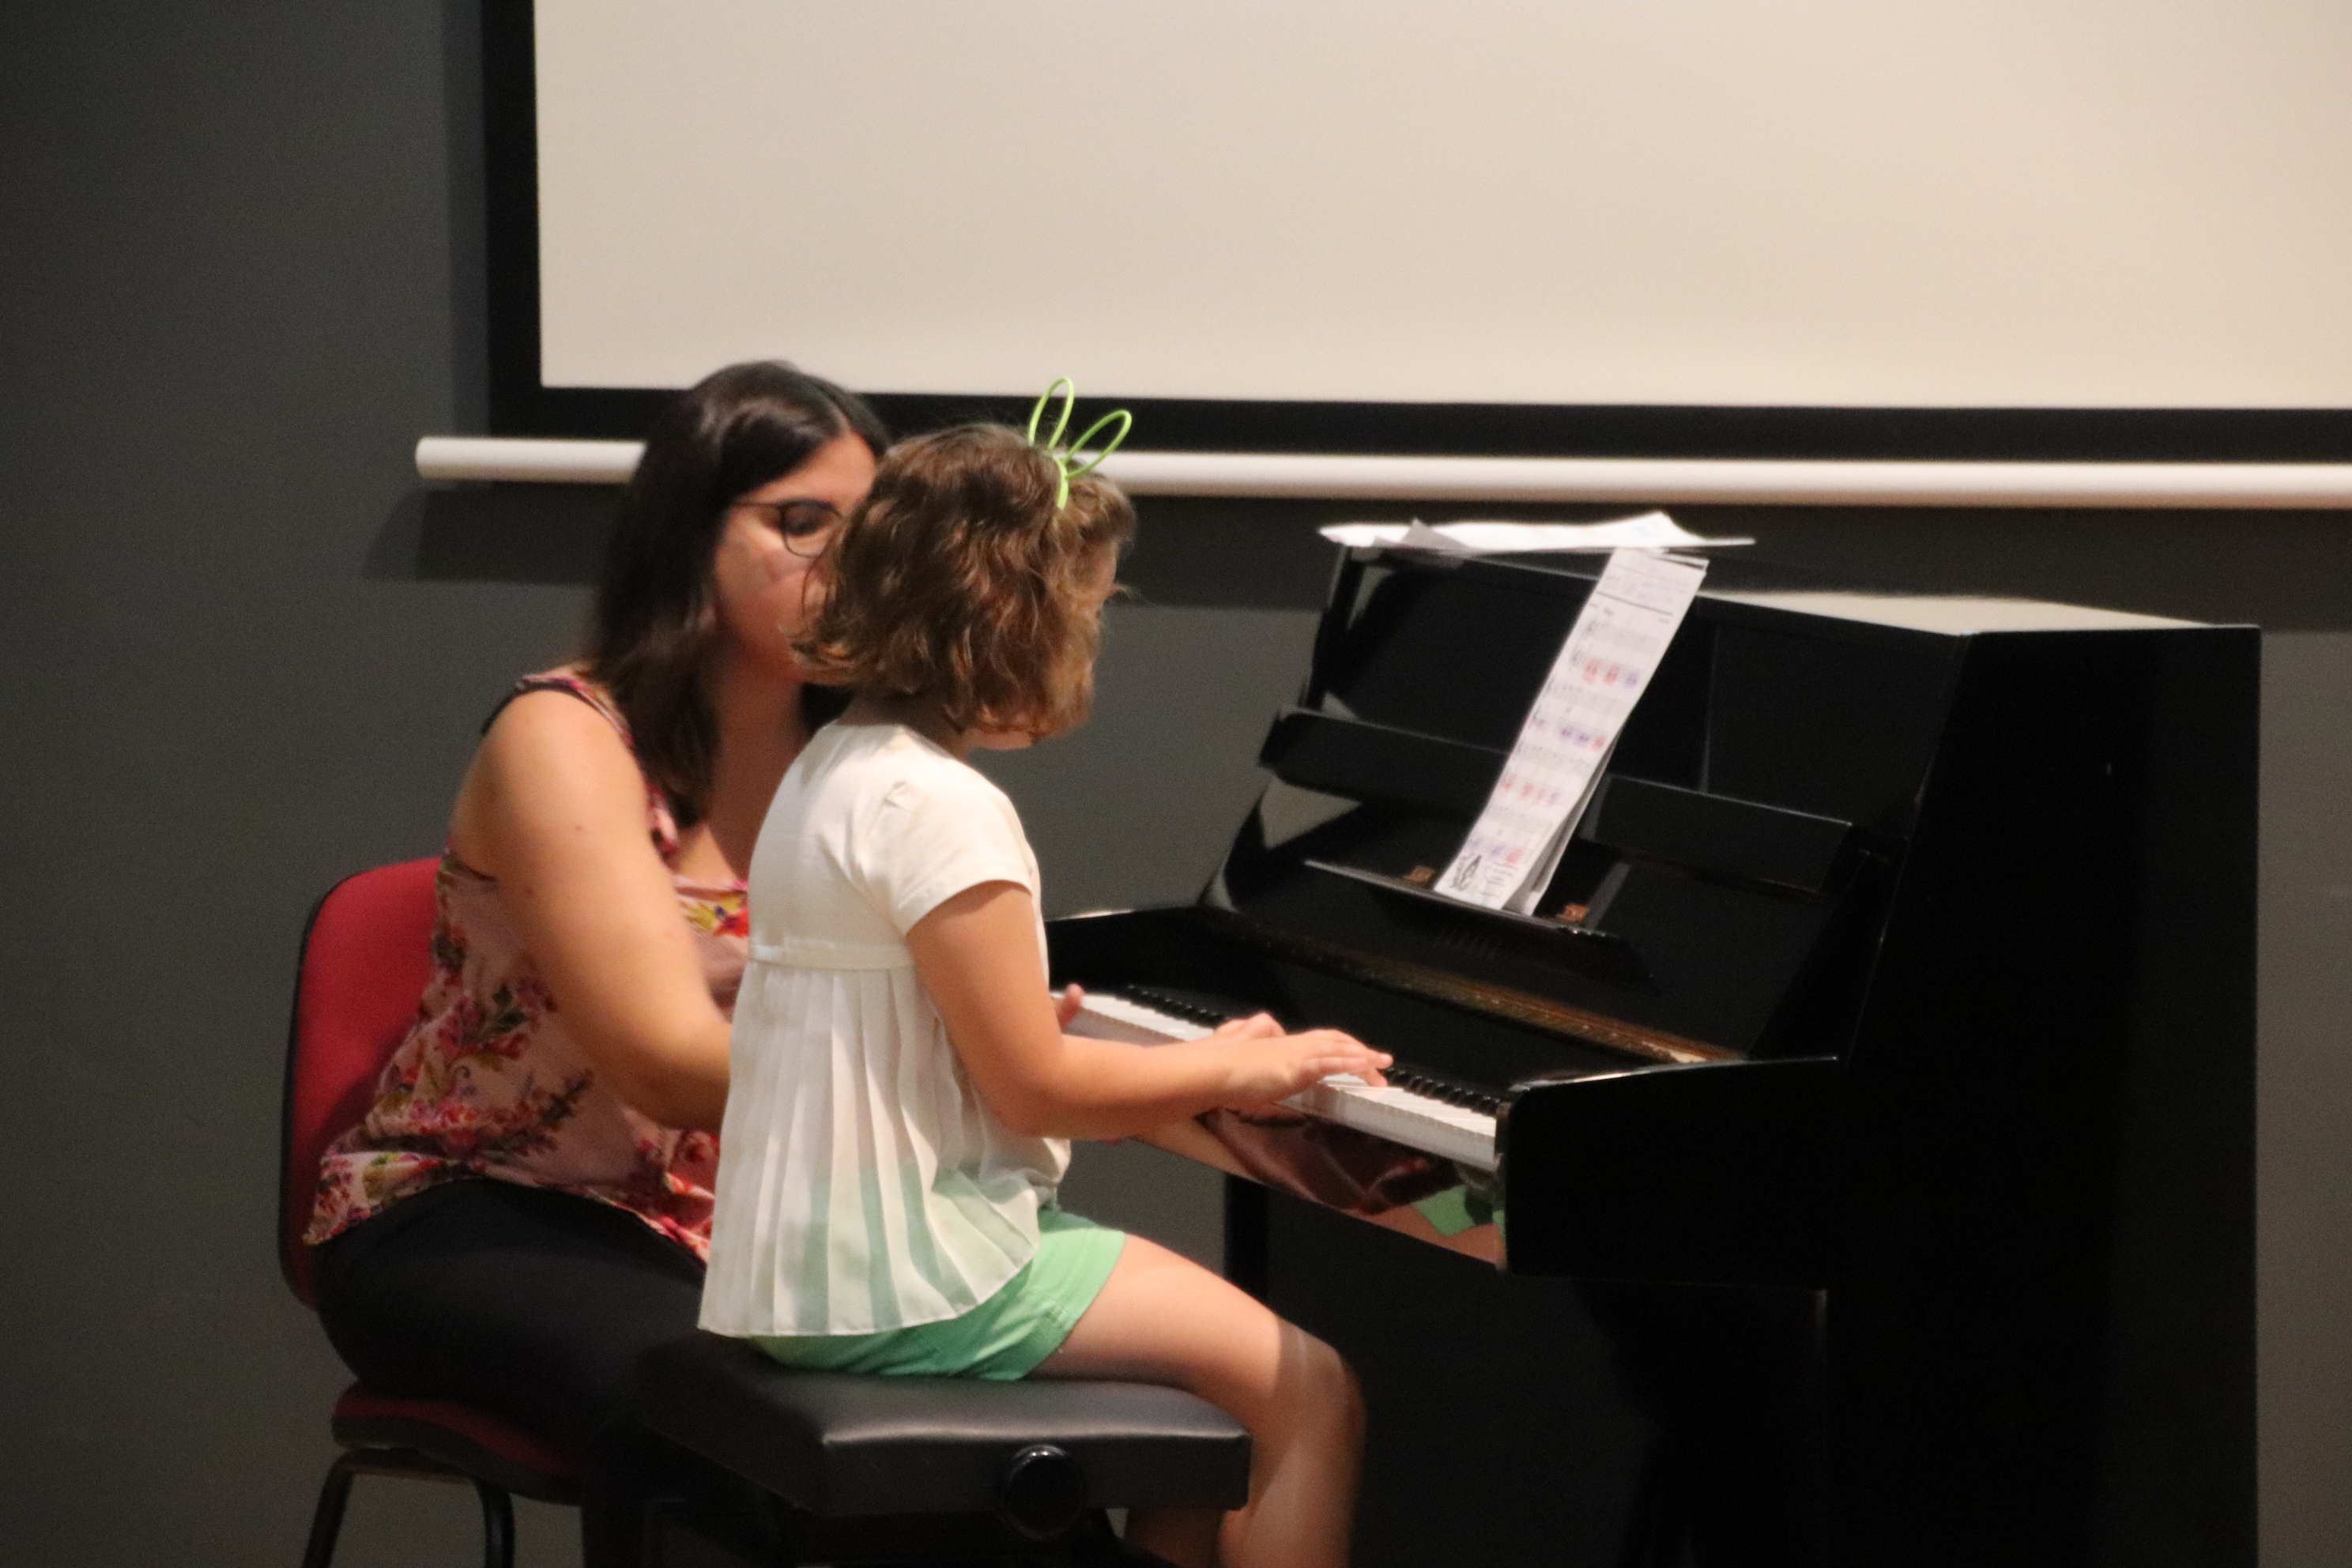 La matrícula de l'Escola de Música de la Bisbal s'obrirà del 23 al 31 de juliol